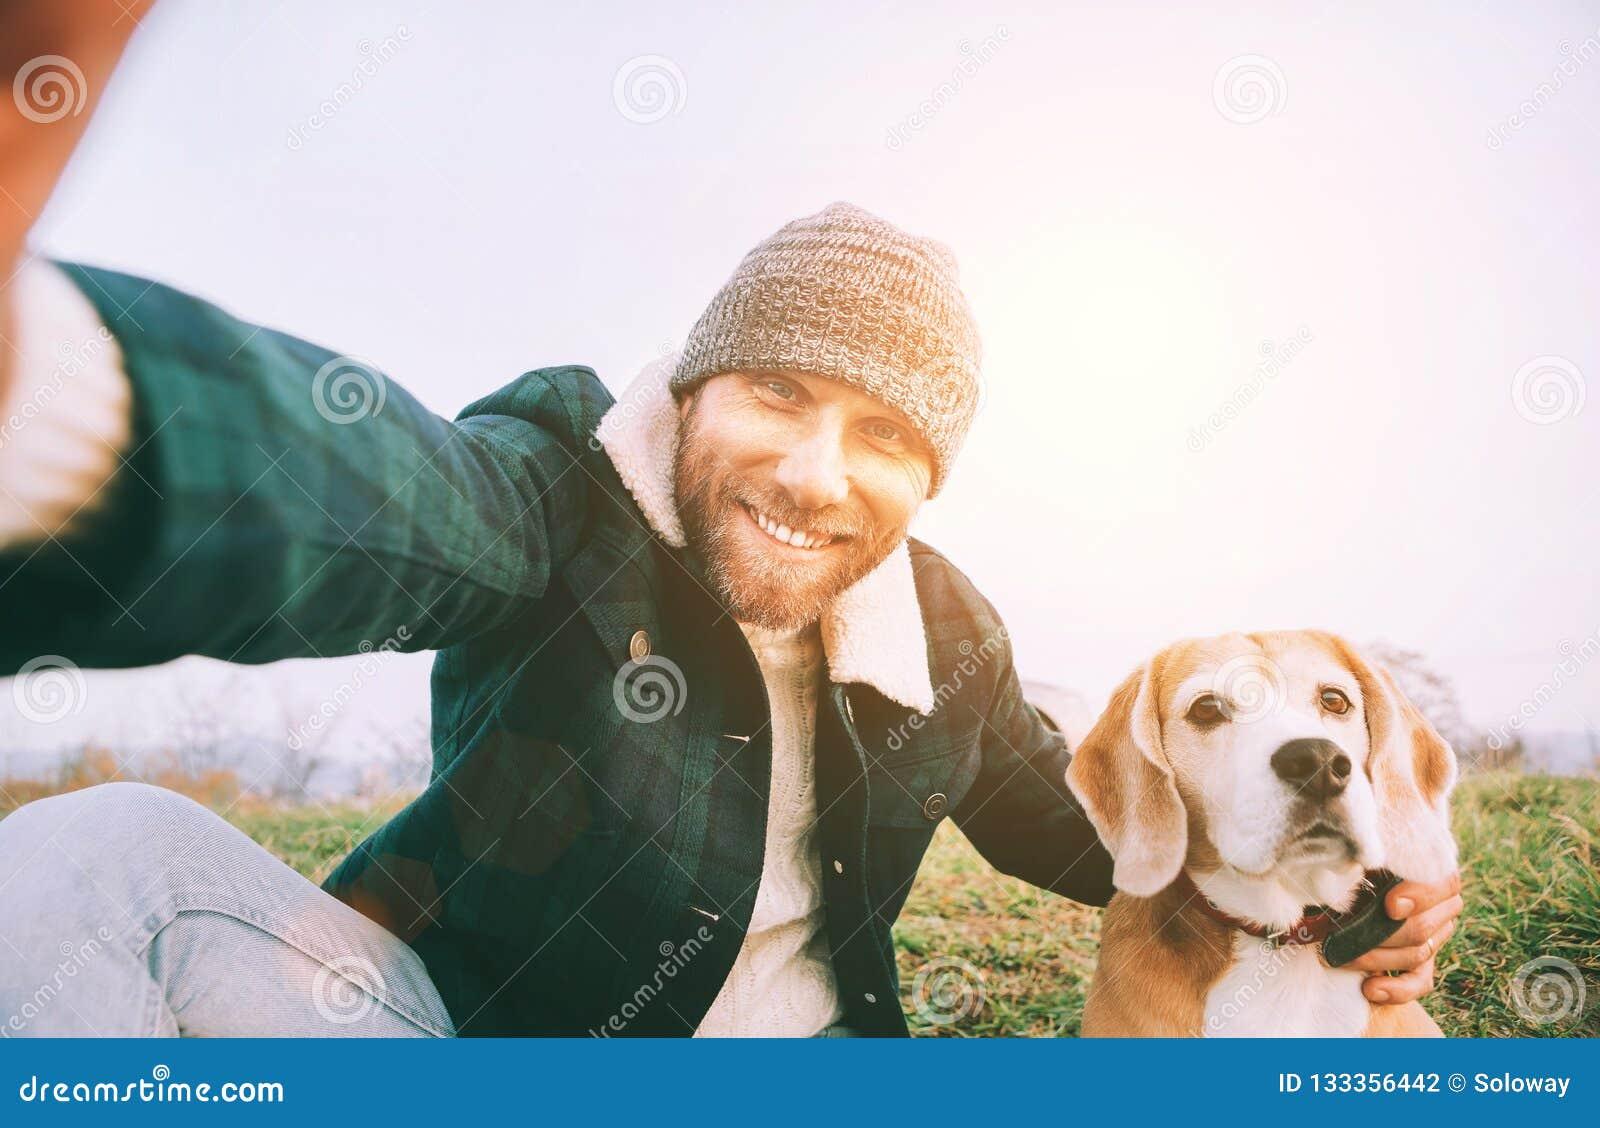 Rozochocony uśmiechnięty mężczyzna bierze selfie fotografię z jego najlepszego przyjaciela bea